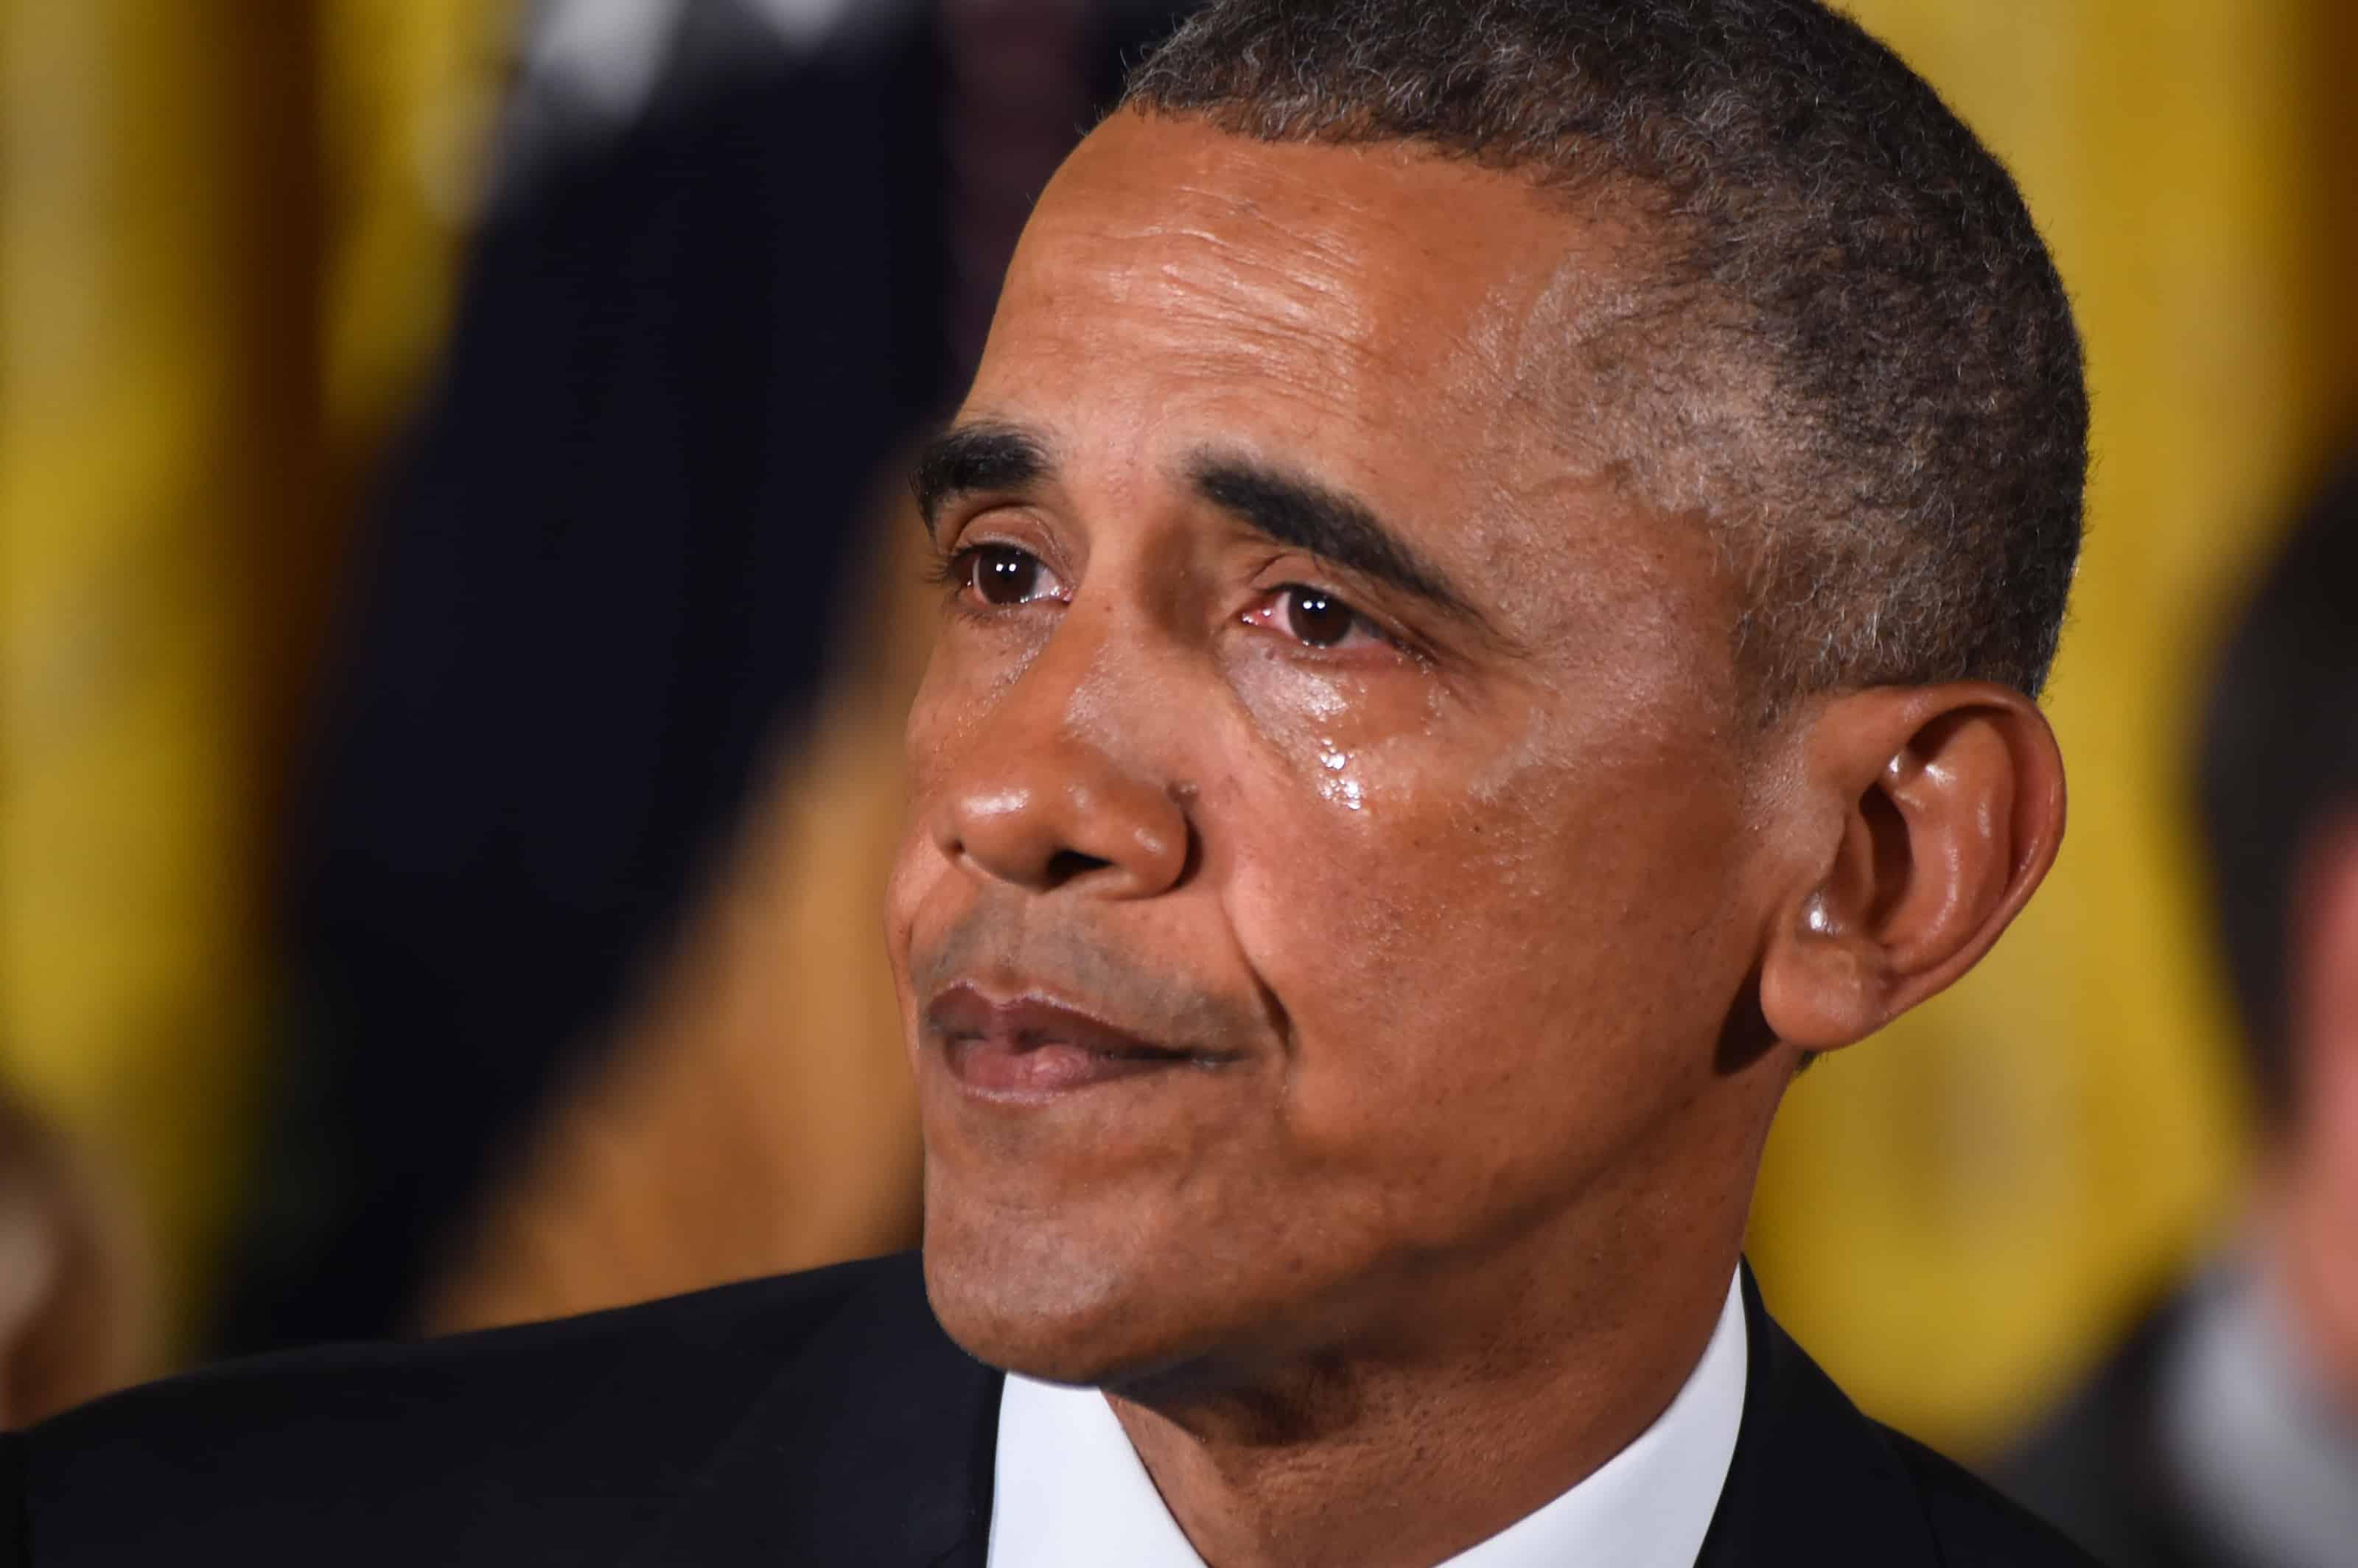 Obama weeps as he speaks on gun control